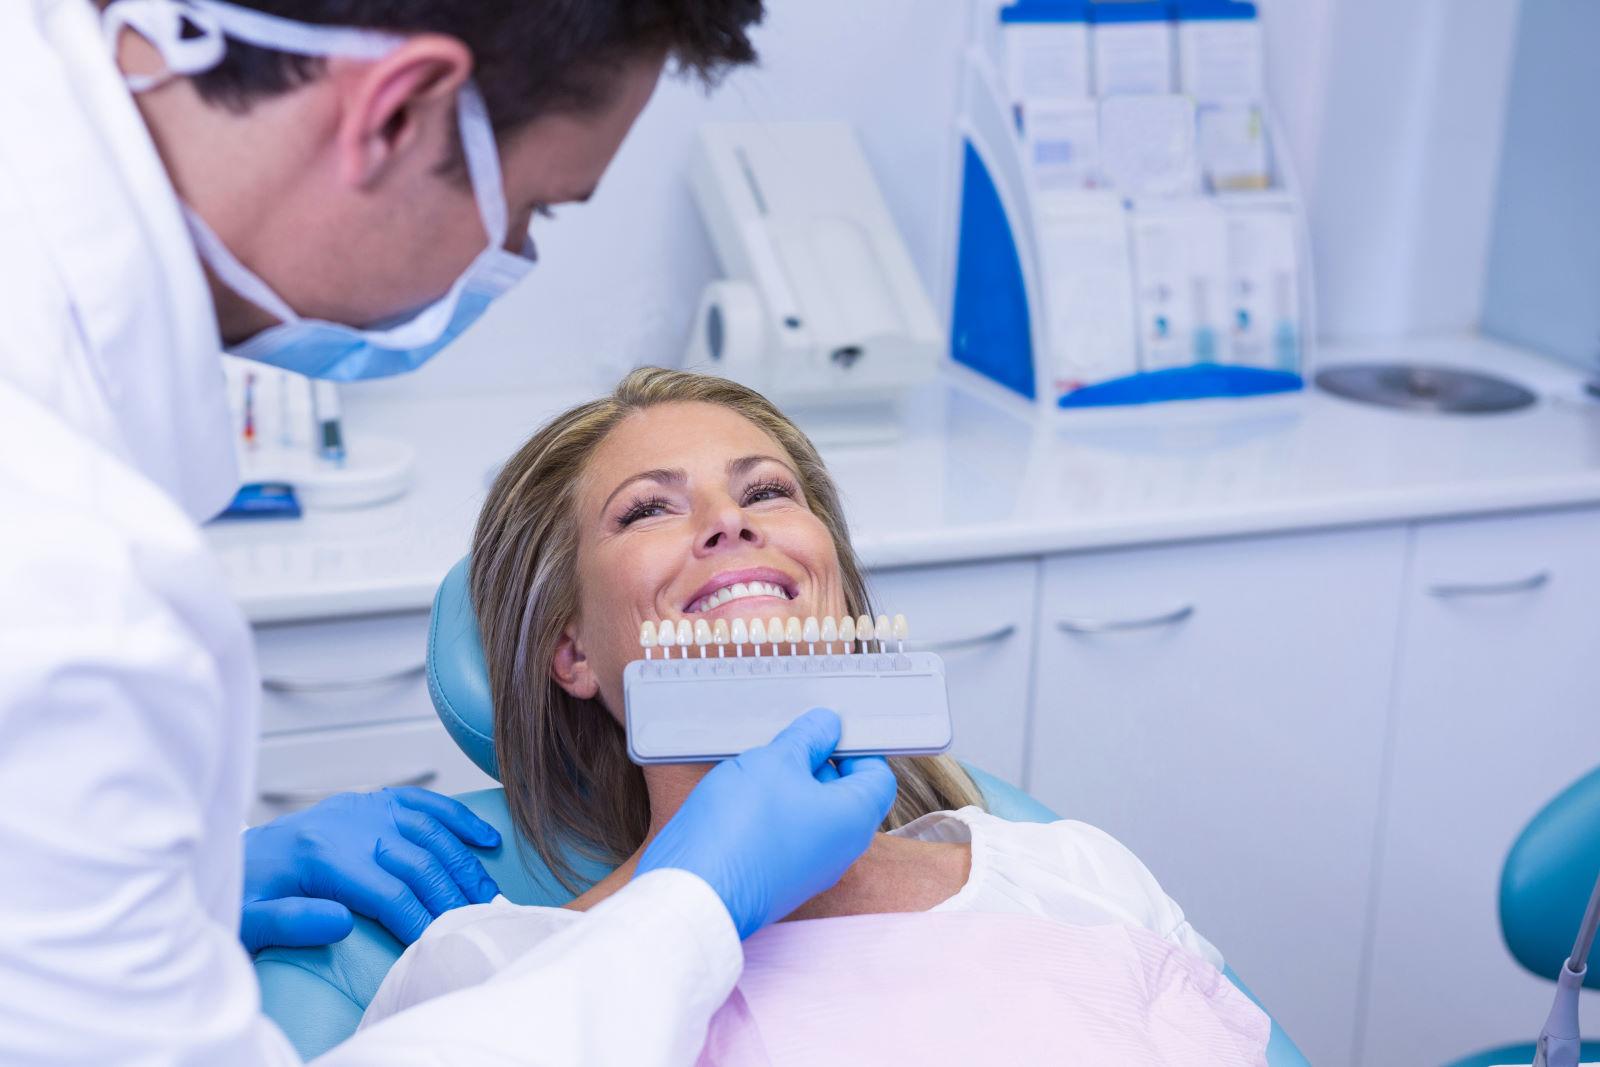 Jak uzupełnić brak jednego zęba? Najlepsze sposoby